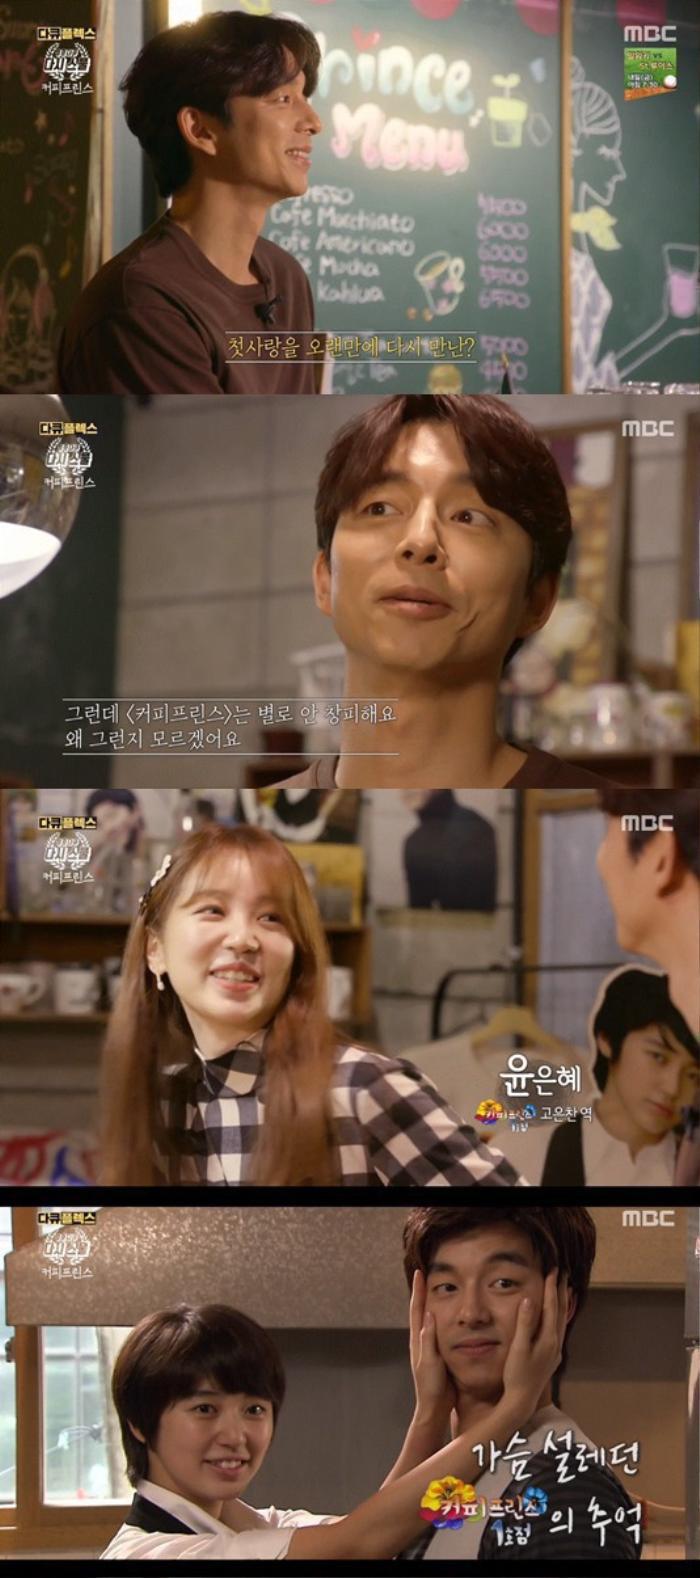 Yoon Eun Hye và Gong Yoo hỏi tại sao đối phương vẫn chưa kết hôn Ảnh 2